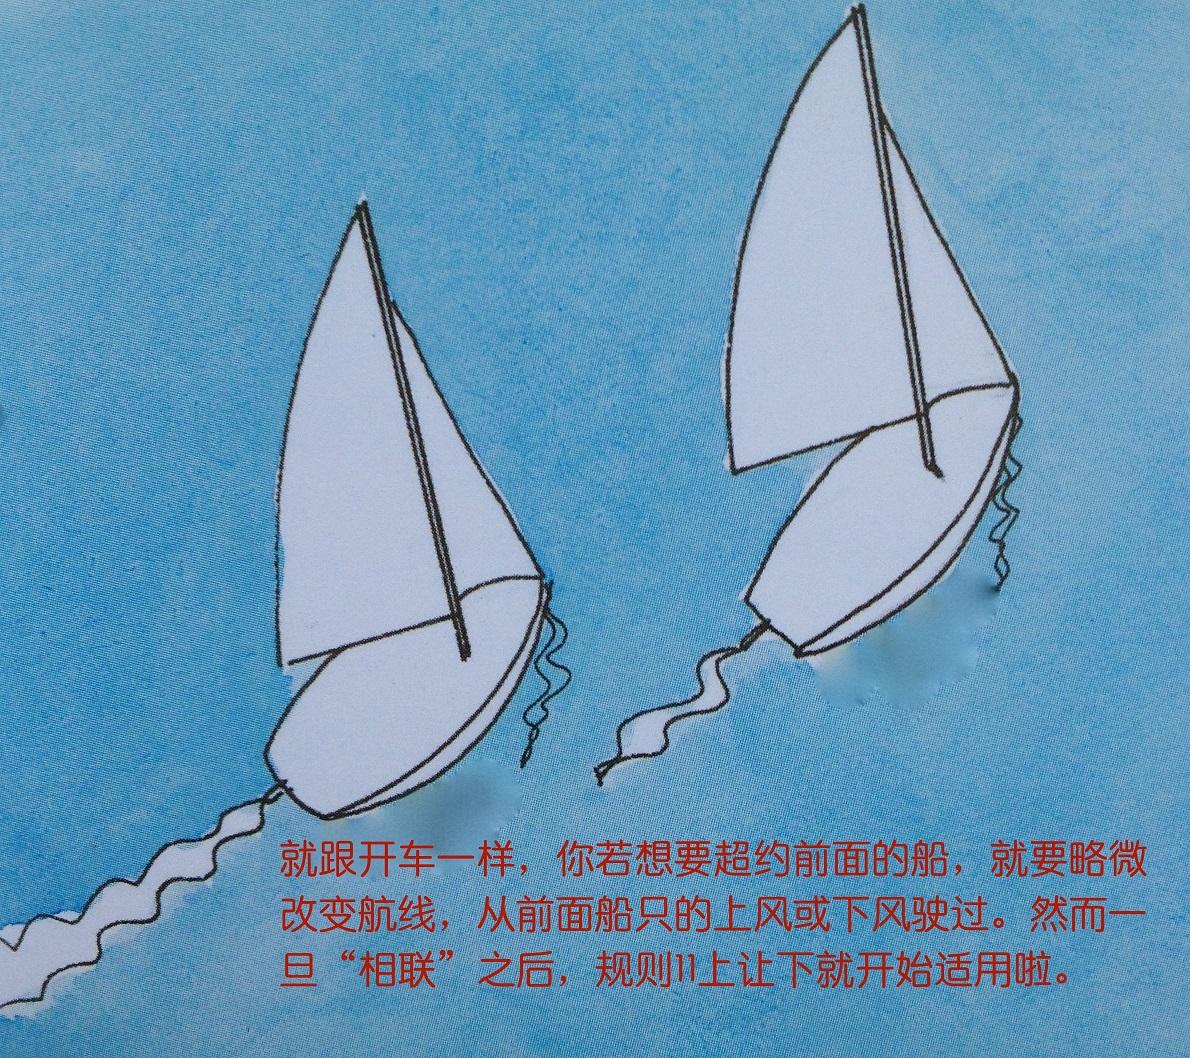 当两条船是同舷风但未相联,明显在后的要避让明显在前的船只。 26b.jpg